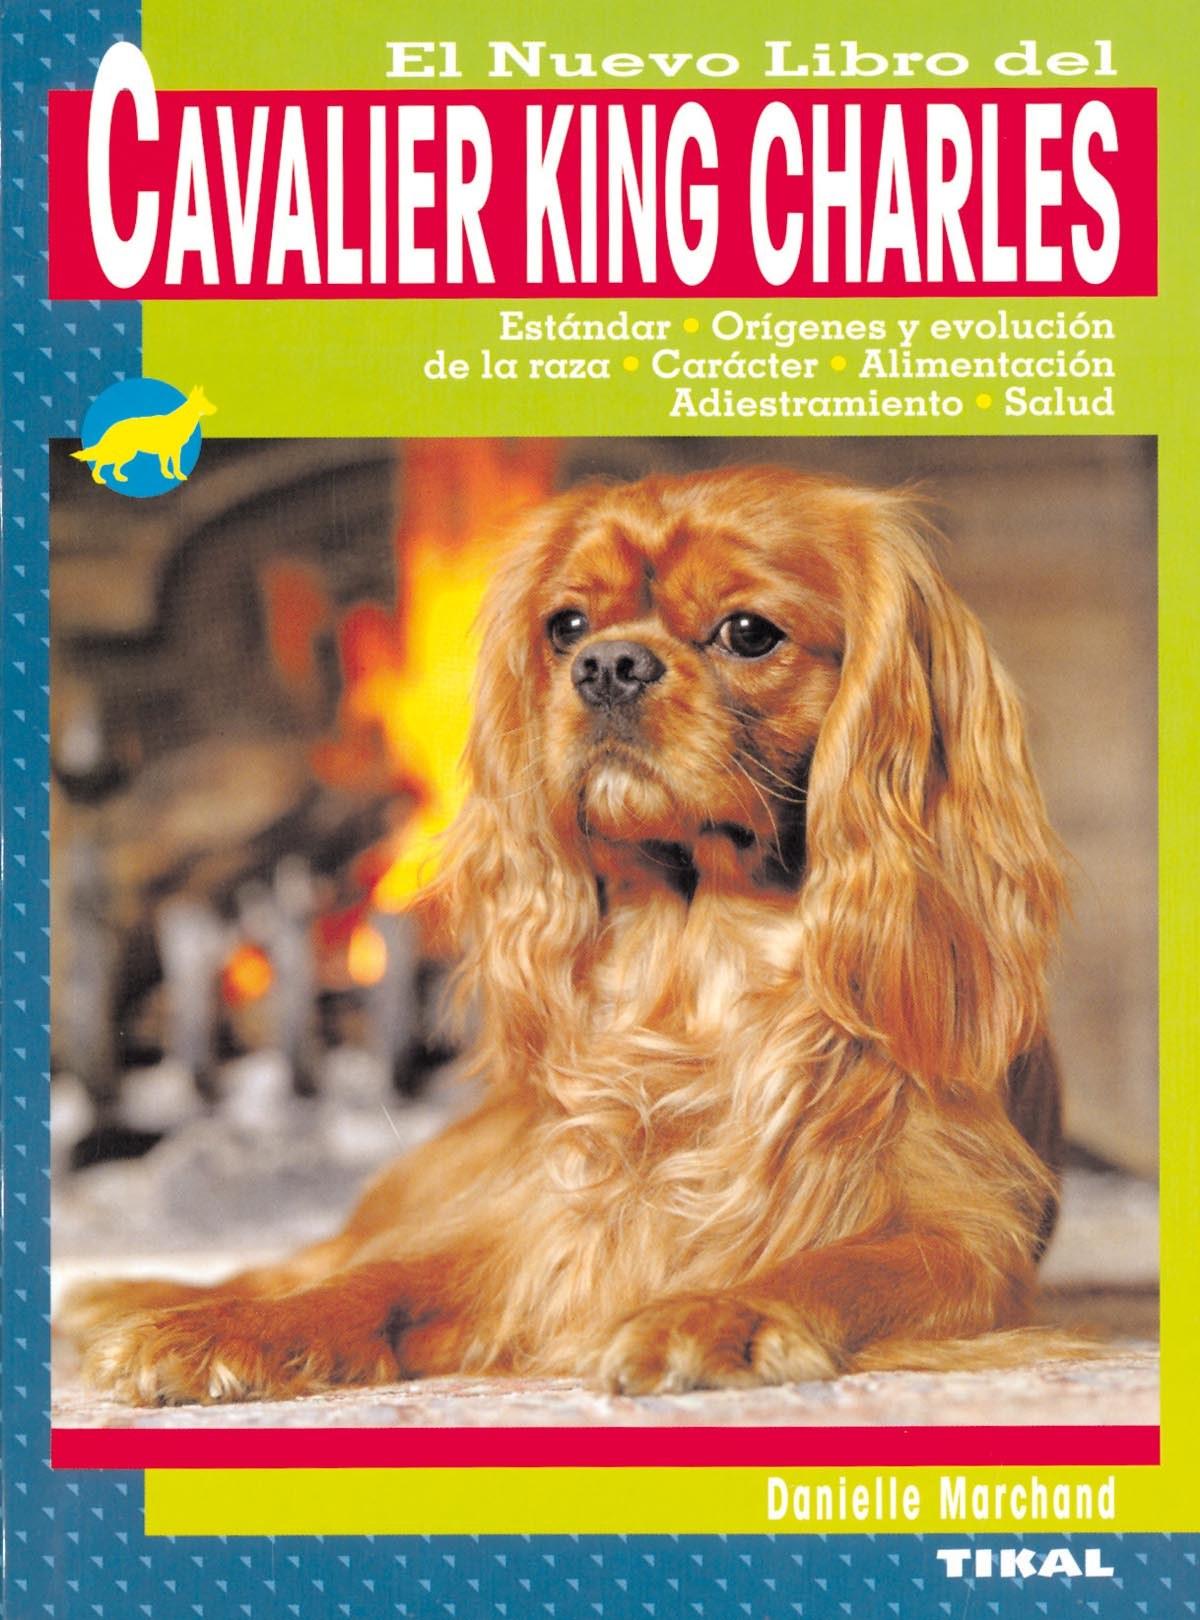 El nuevo libro del Cavalier King Charles